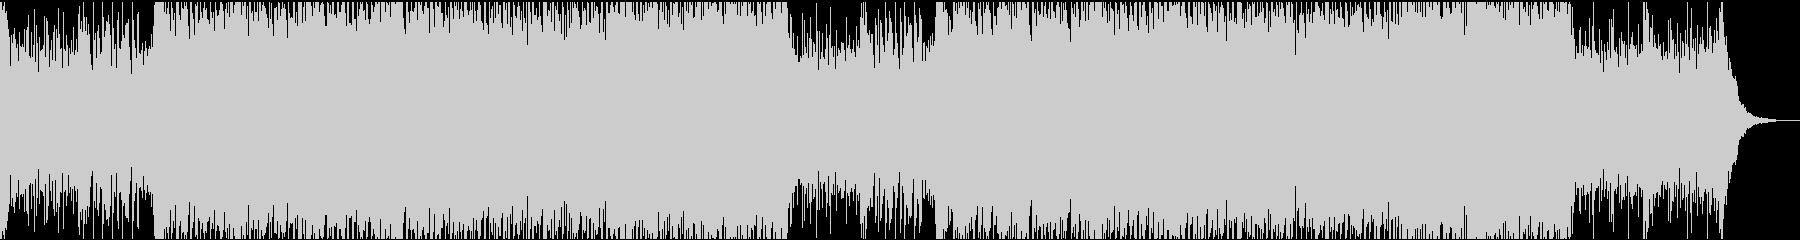 ノリノリのEDMの未再生の波形